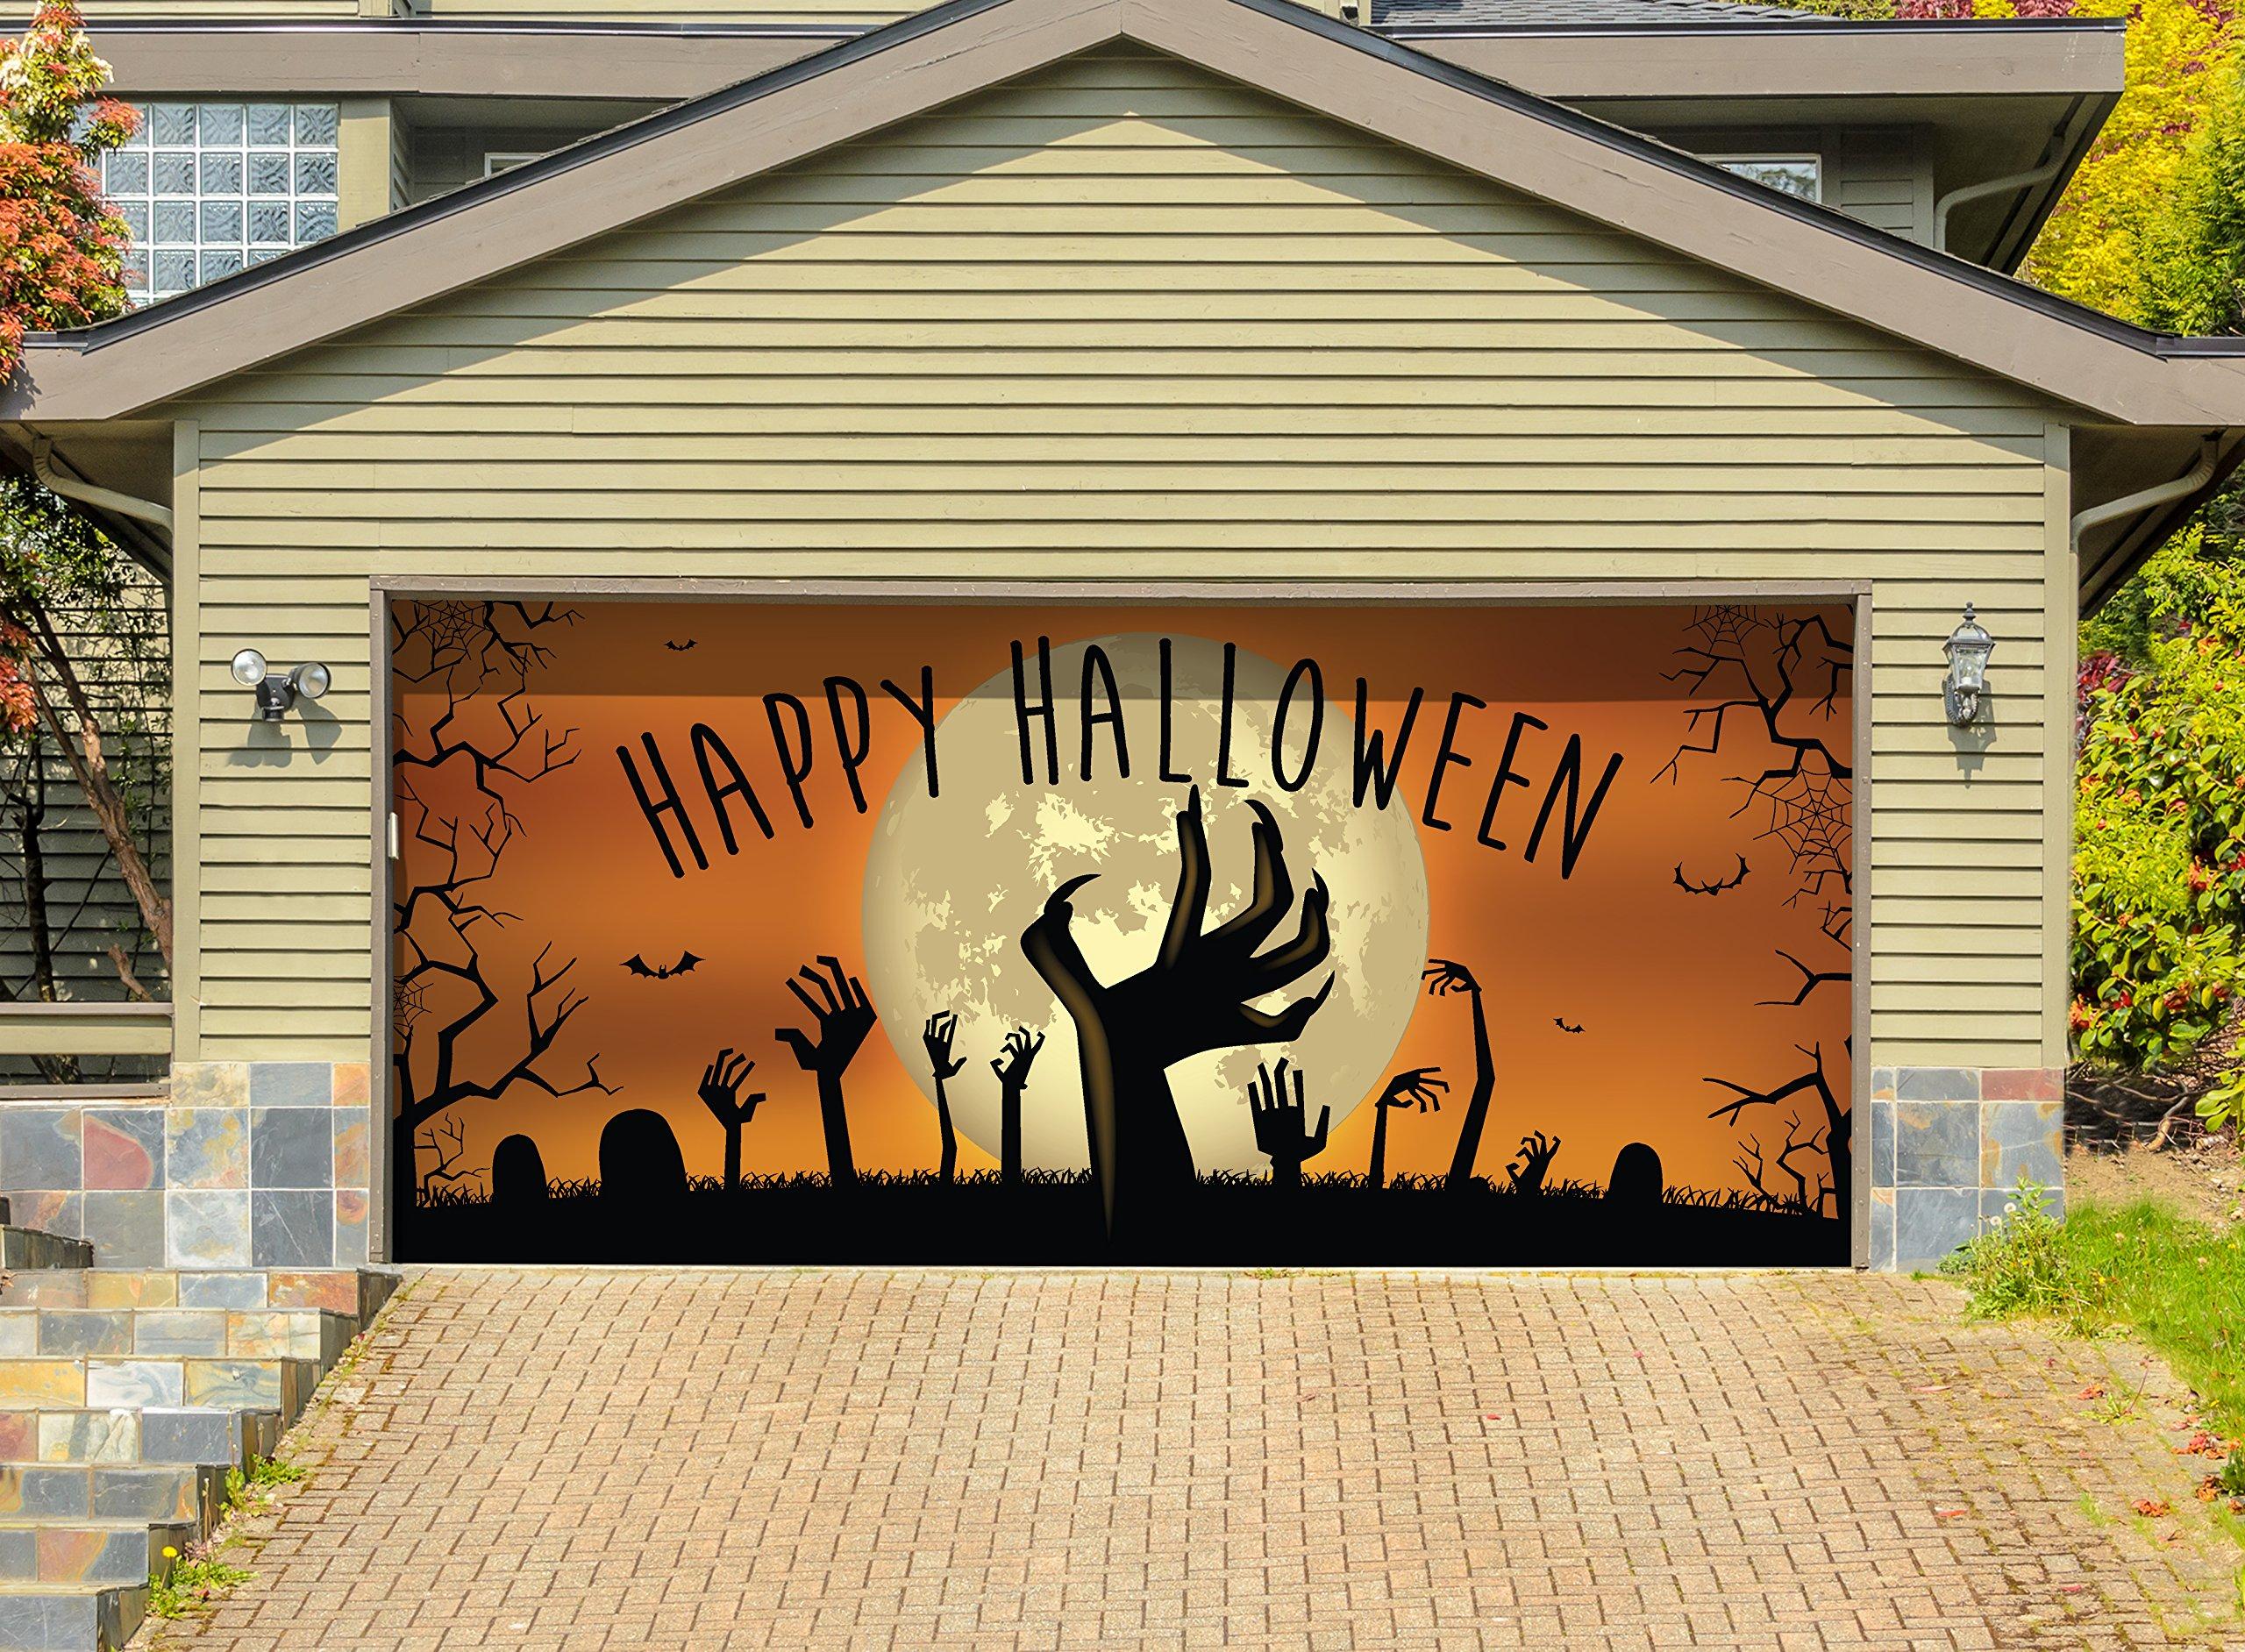 Victory Corps Outdoor Halloween Holiday Garage Door Banner Cover Mural Décoration - Happy Halloween Graveyard Zombie Hands - Outdoor Halloween Holiday Garage Door Banner Décor Sign 7'x 16'